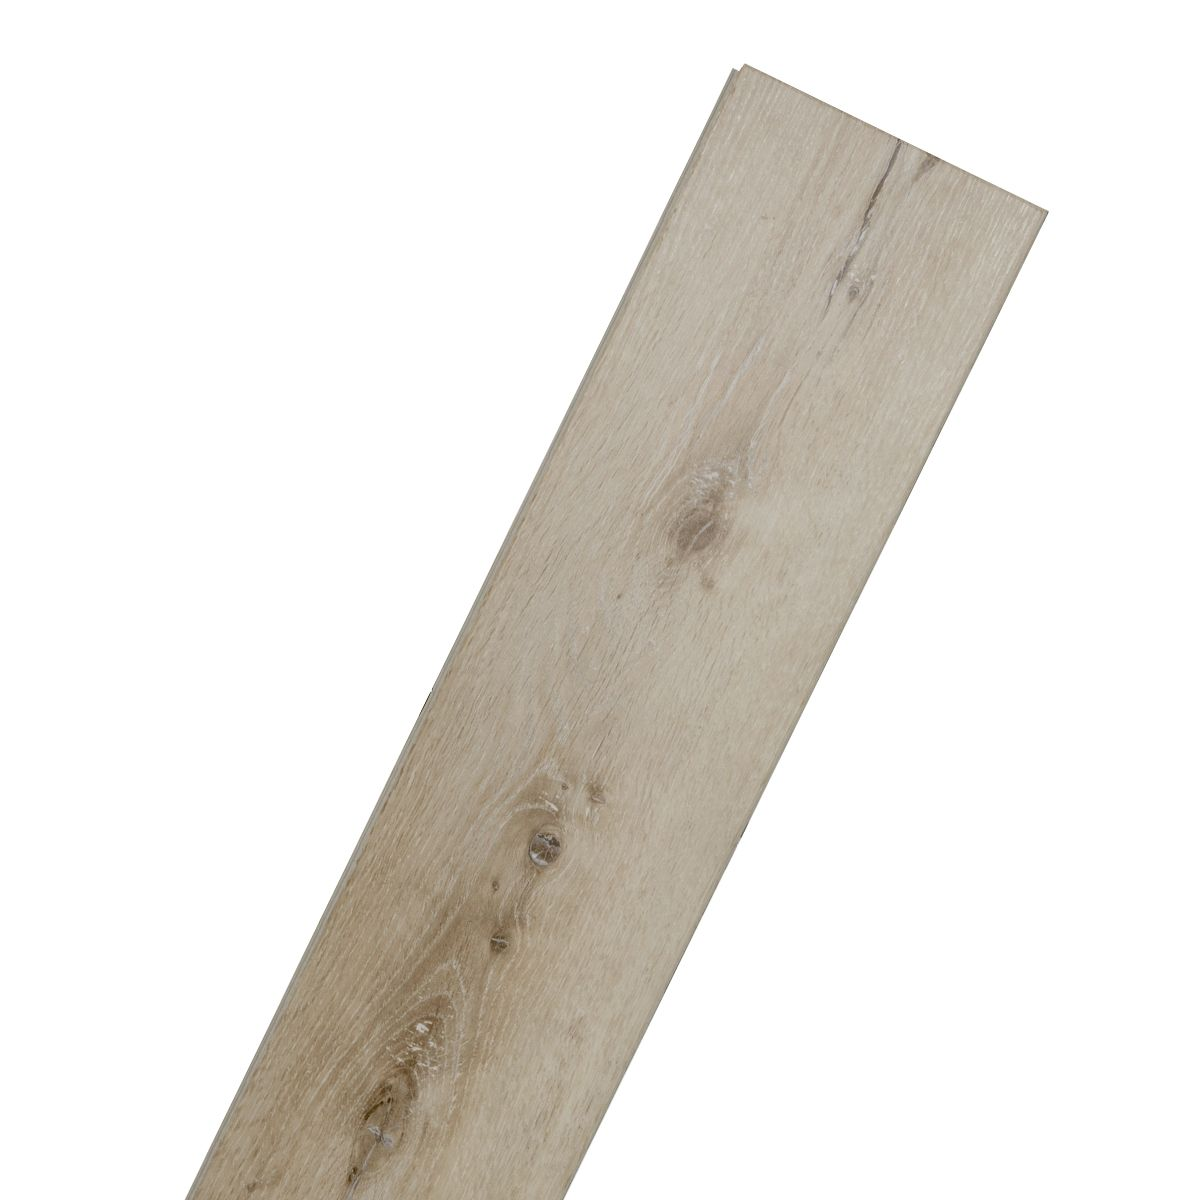 Lame PVC clipsable bois beige greige 4,2mm Matera